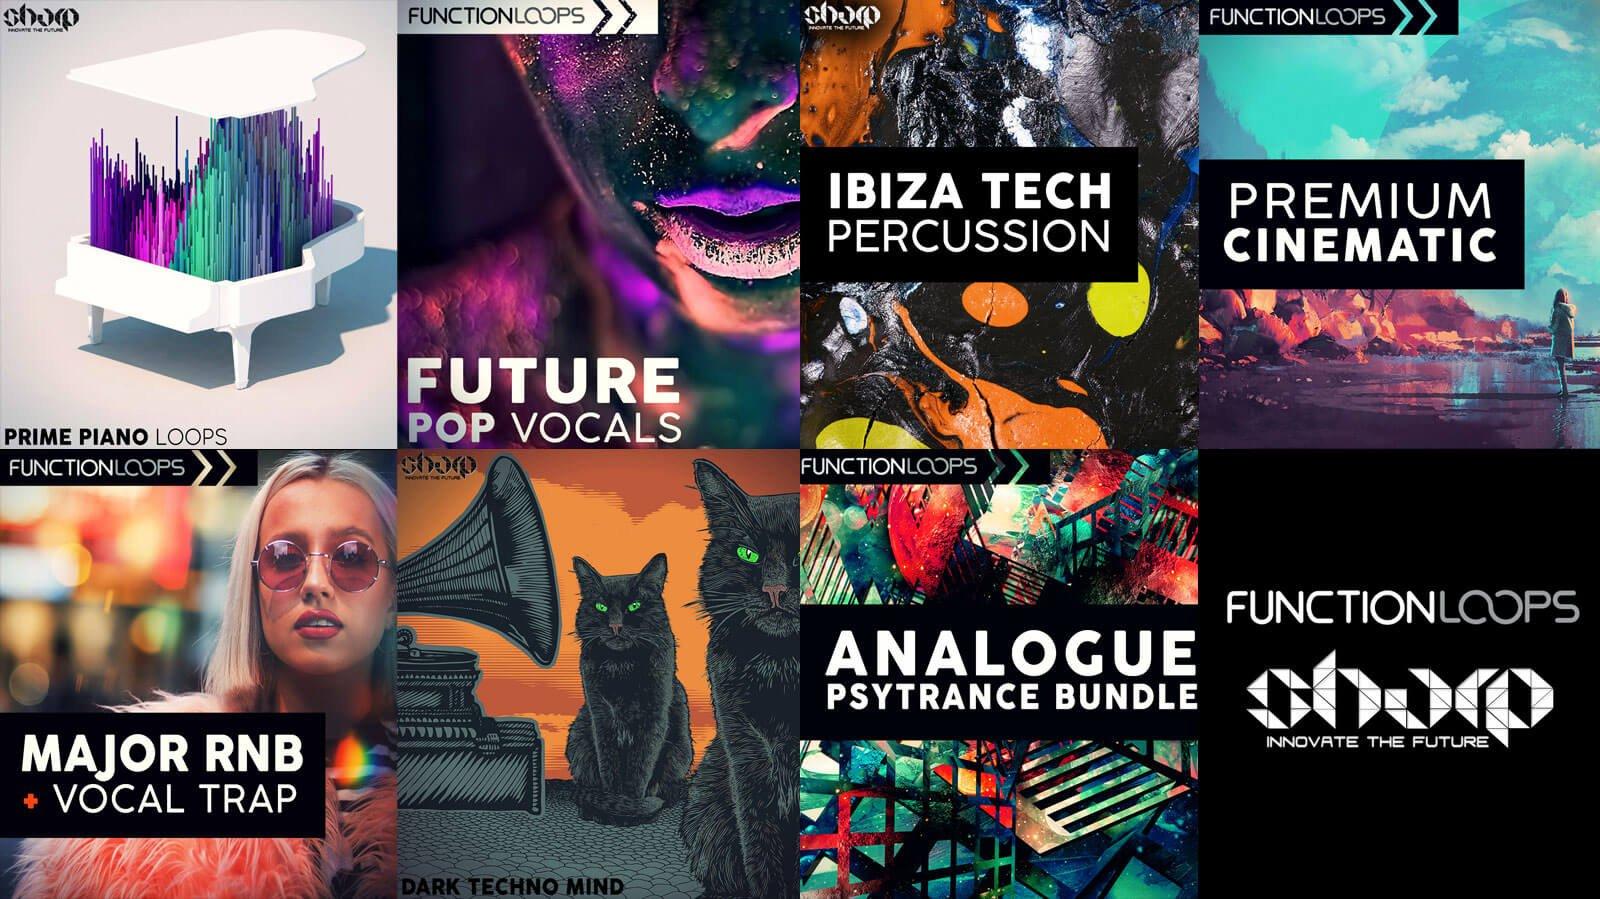 Prime Piano Loops, Future Pop Vocals, Ibiza Tech Percussion & more